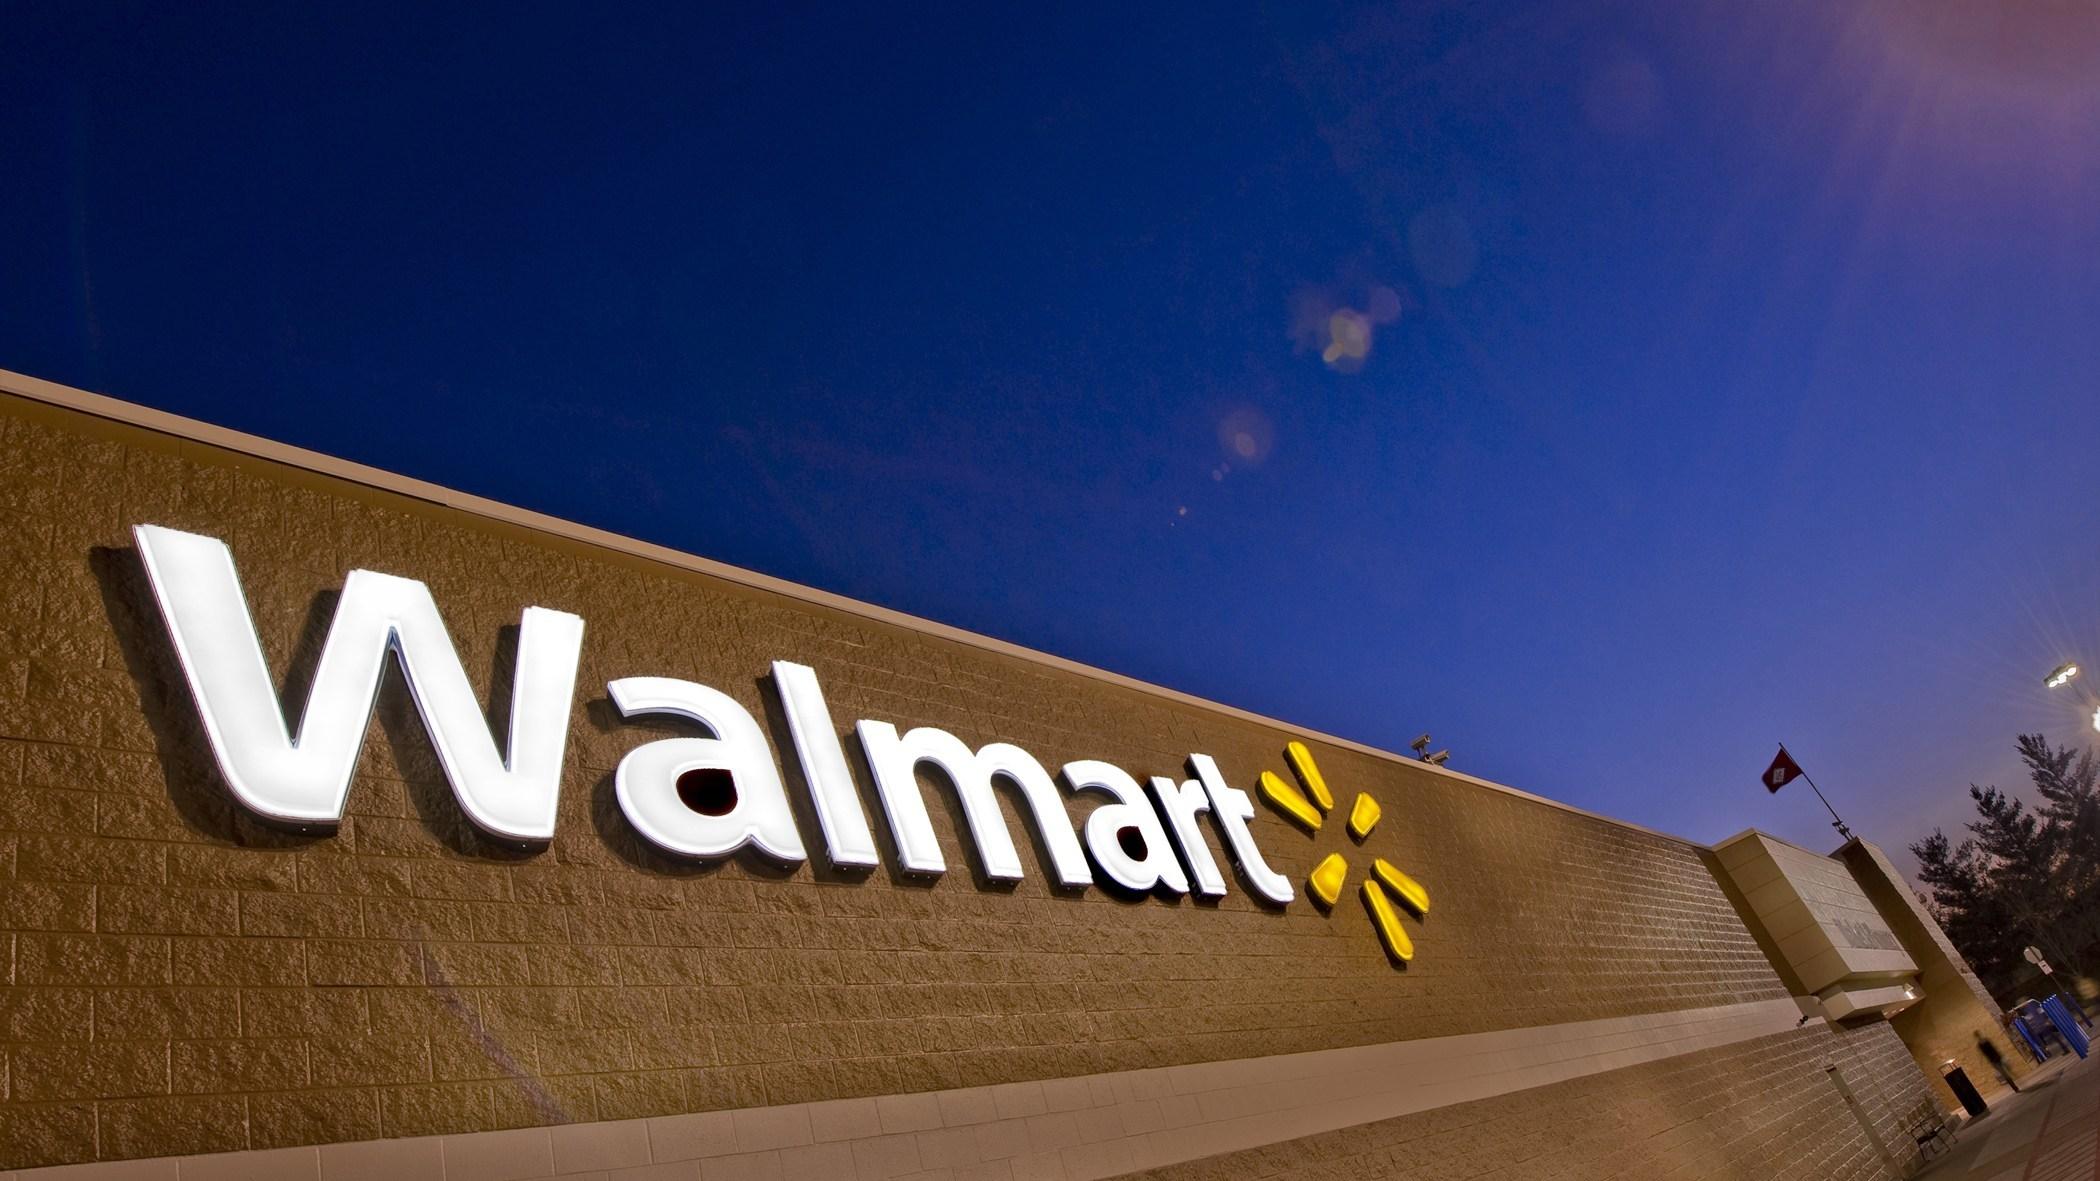 Christmas Needs Warren County Ny 2020 Warren County confirms two coronavirus cases from Queensbury Walmart